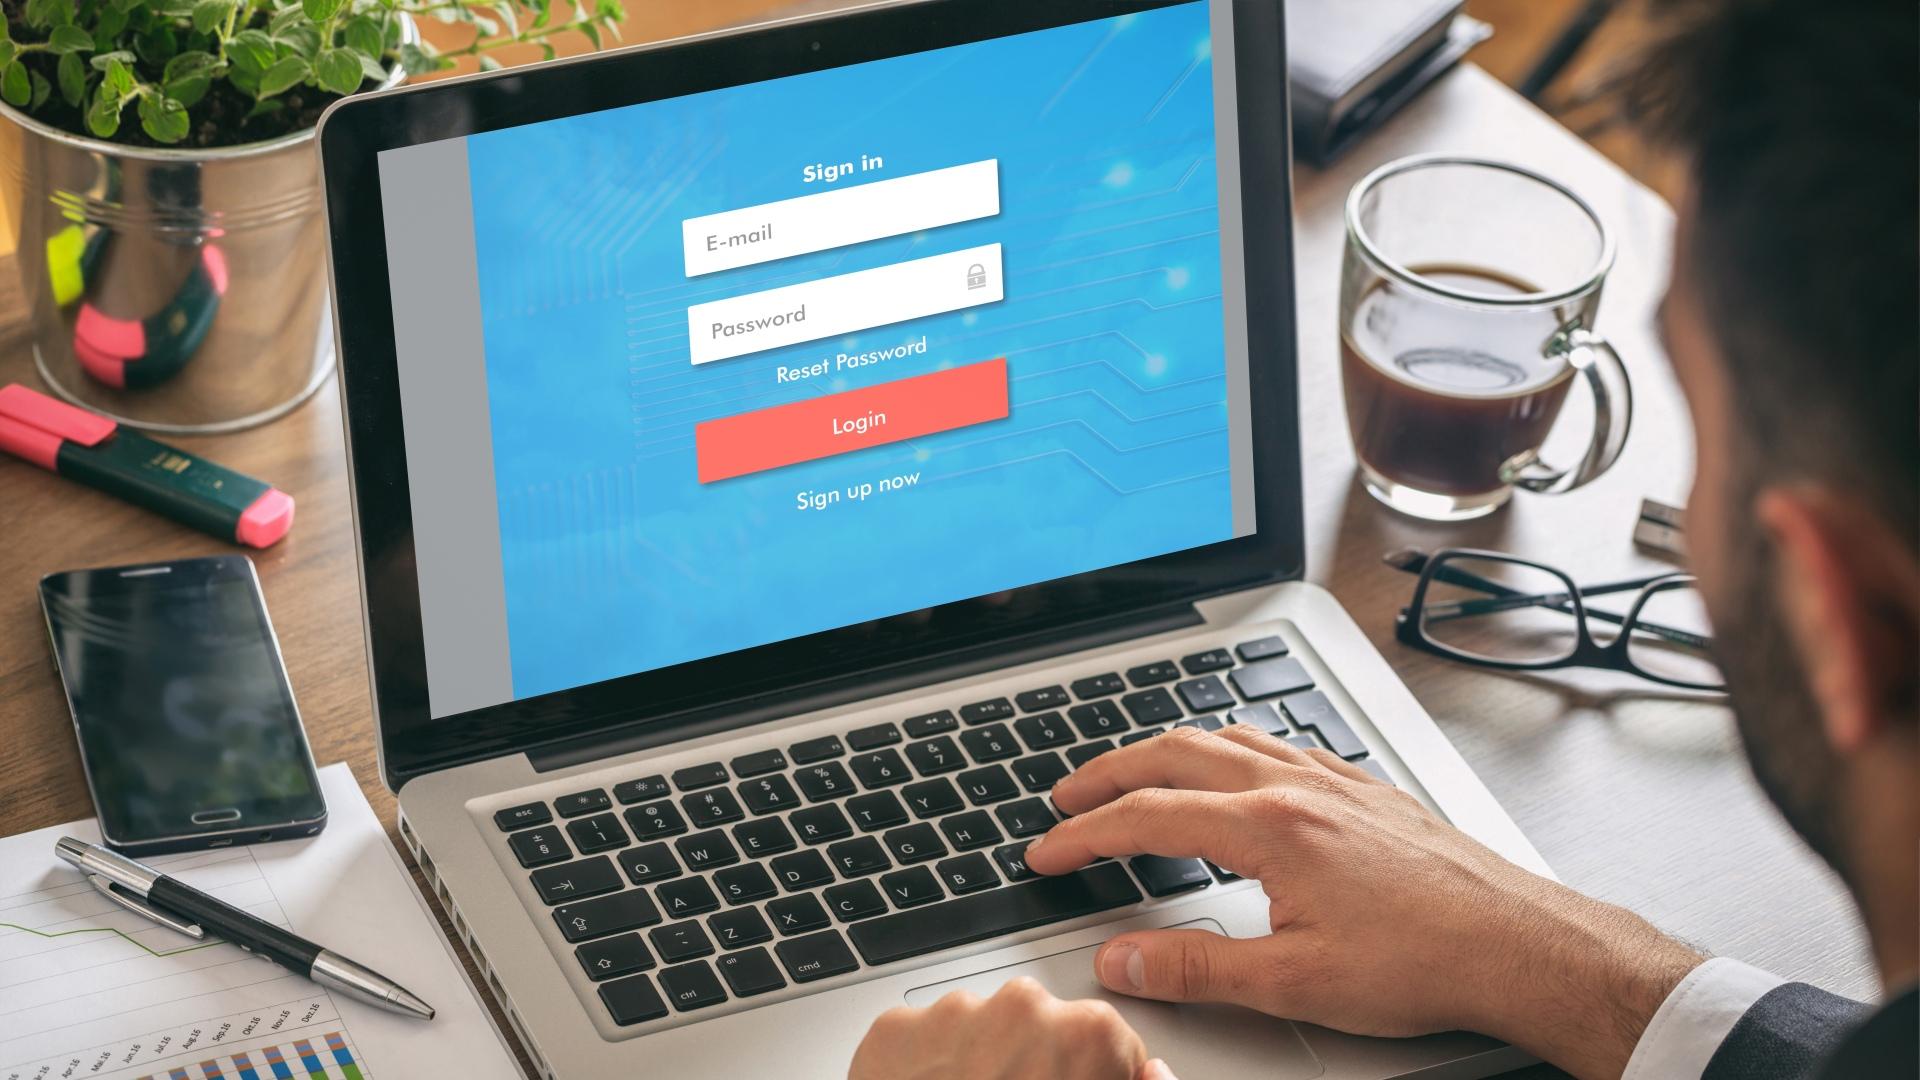 Studie: Deutsche halten ihre Passwörter für besonders sicher